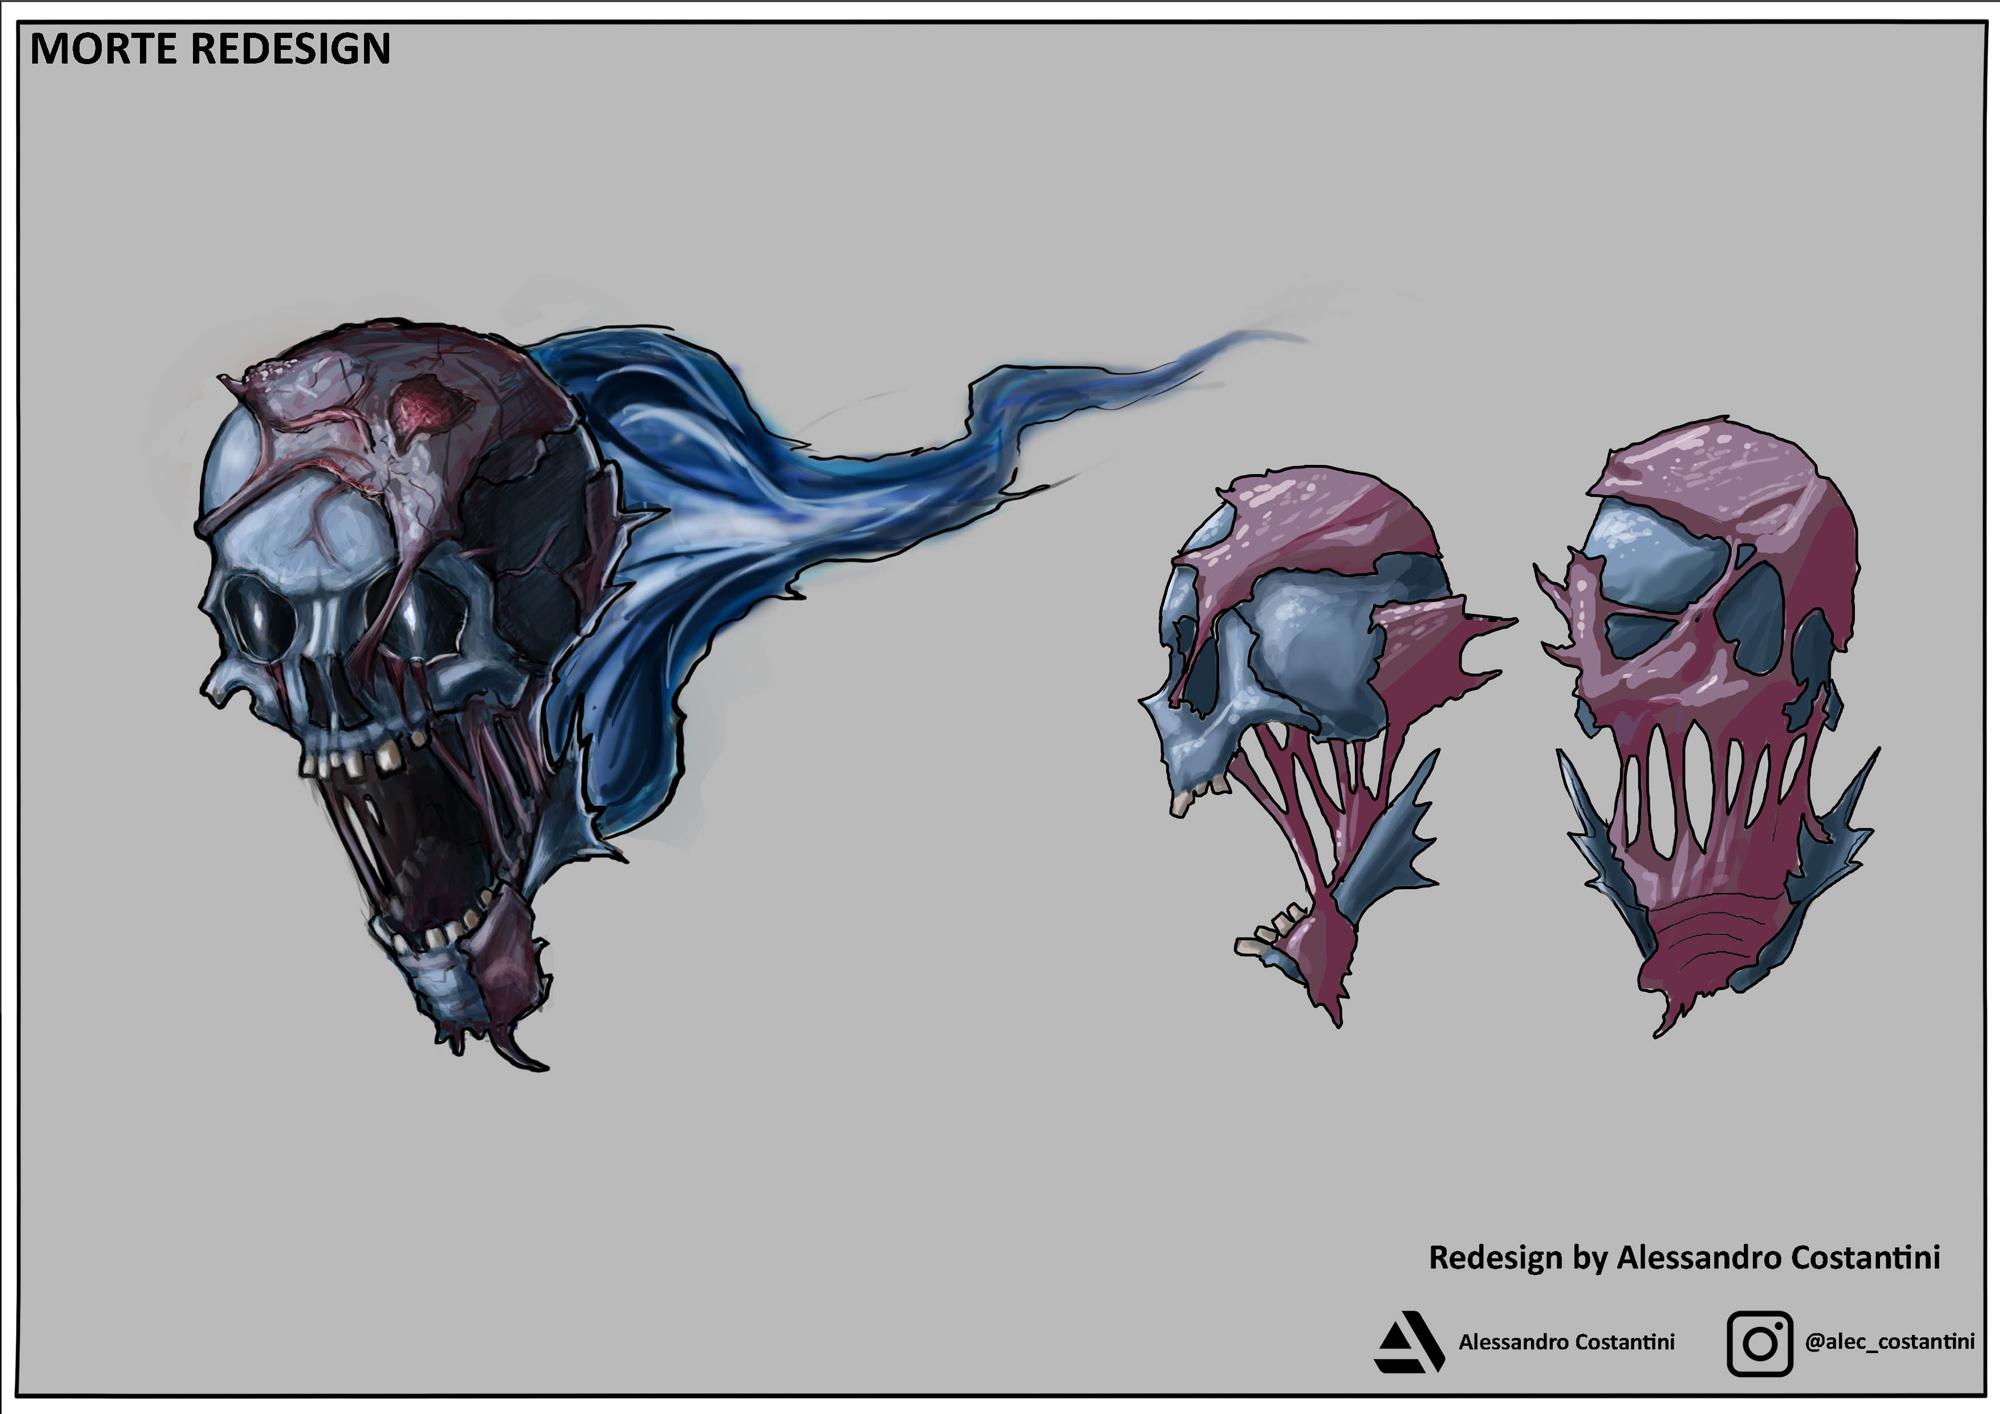 {$tags} Concept study personaggio, Morte - by Alessandro Costantini Planescape Torment Redesign Project (2020) © Scuola Internazionale di Comics Torino e dell'autore, tutti i diritti riservati